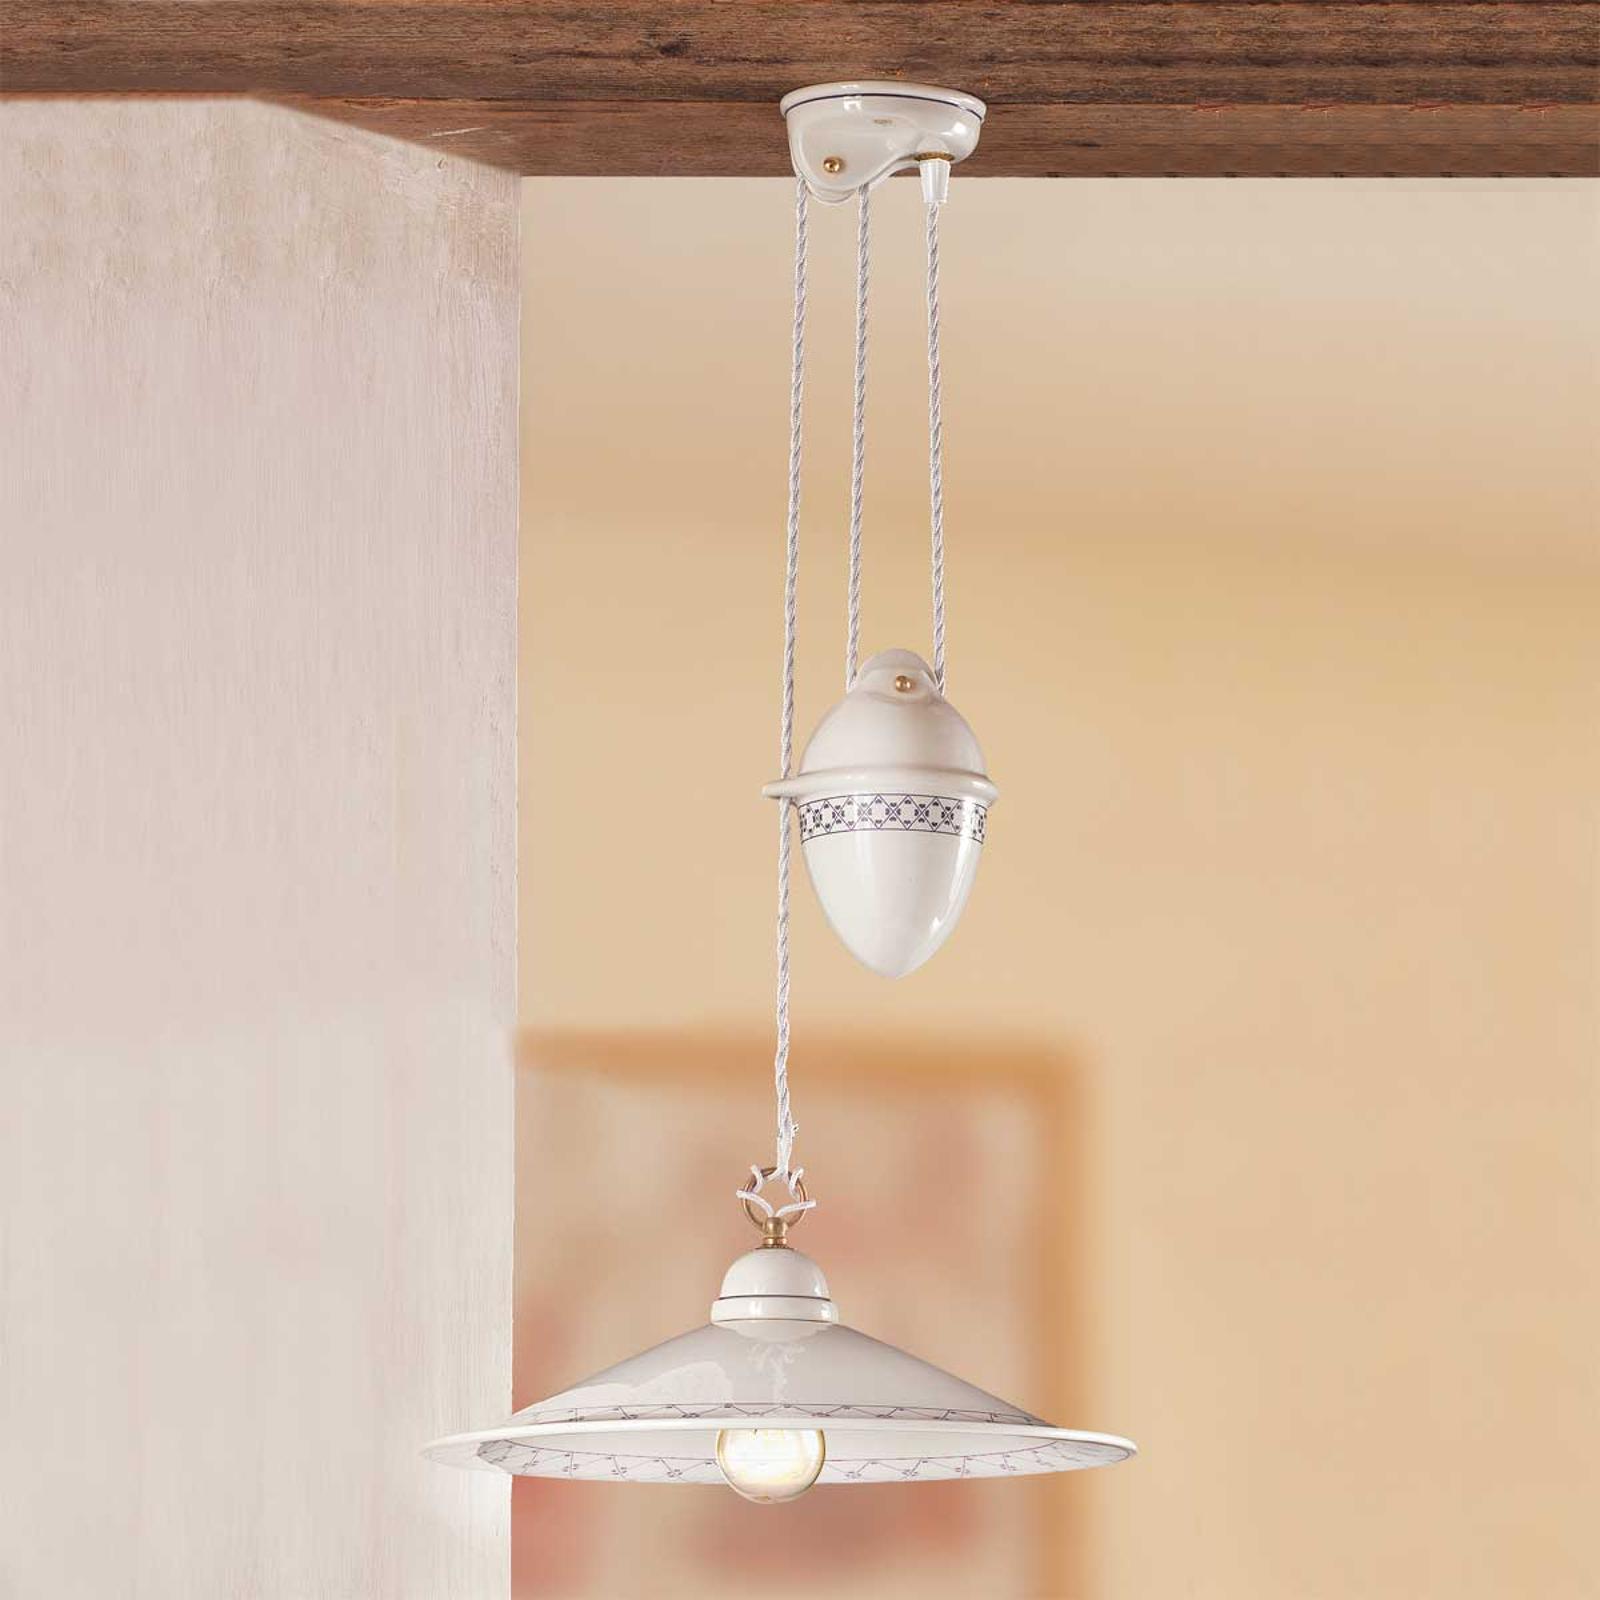 Hanglamp CROCIA met trekgewicht